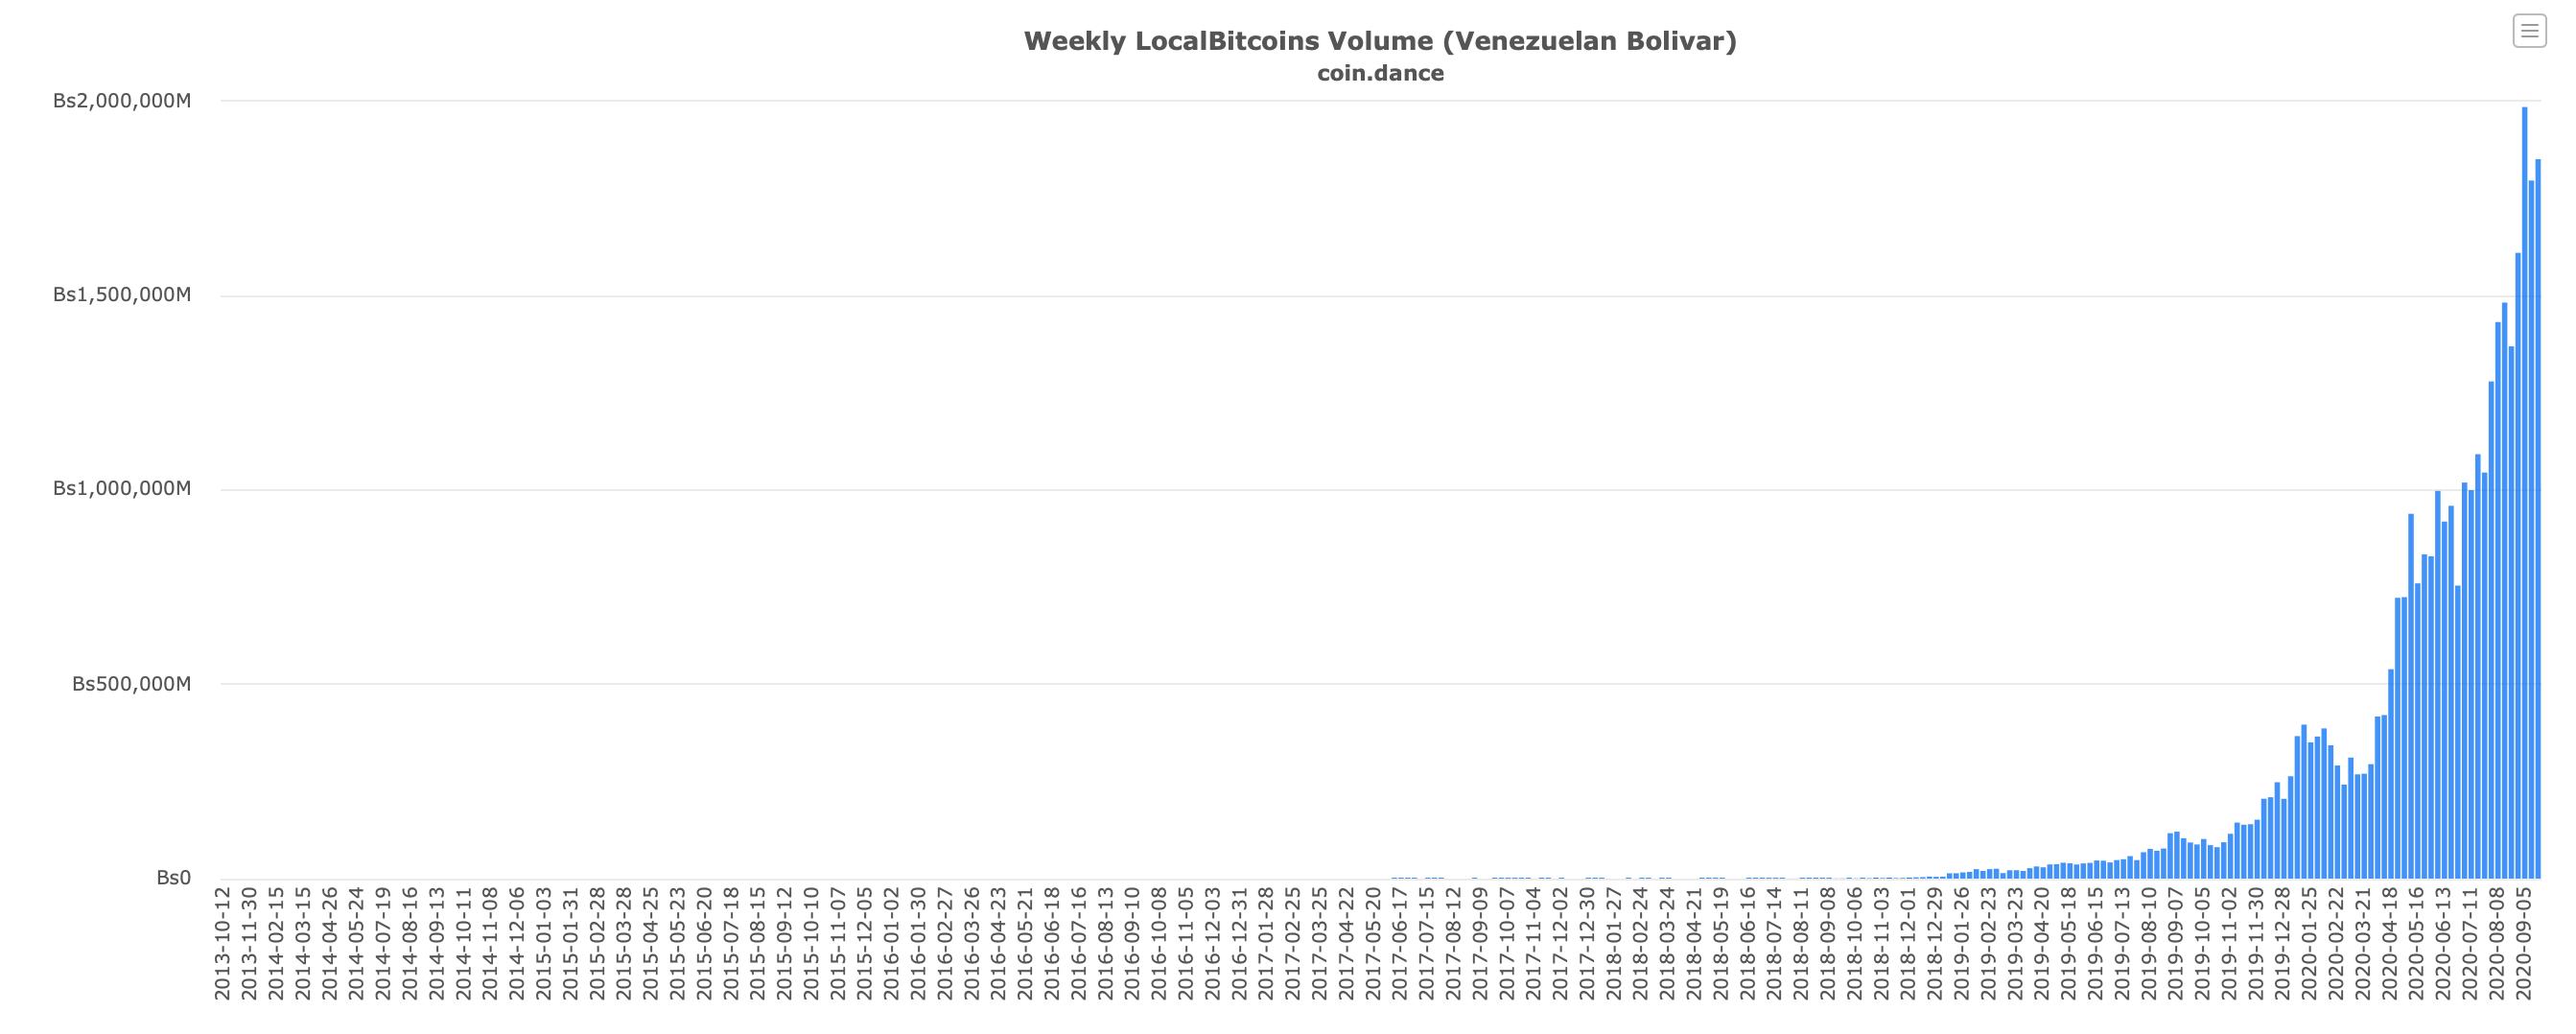 Объёмы торгов на LocalBitcoins в Венесуэле